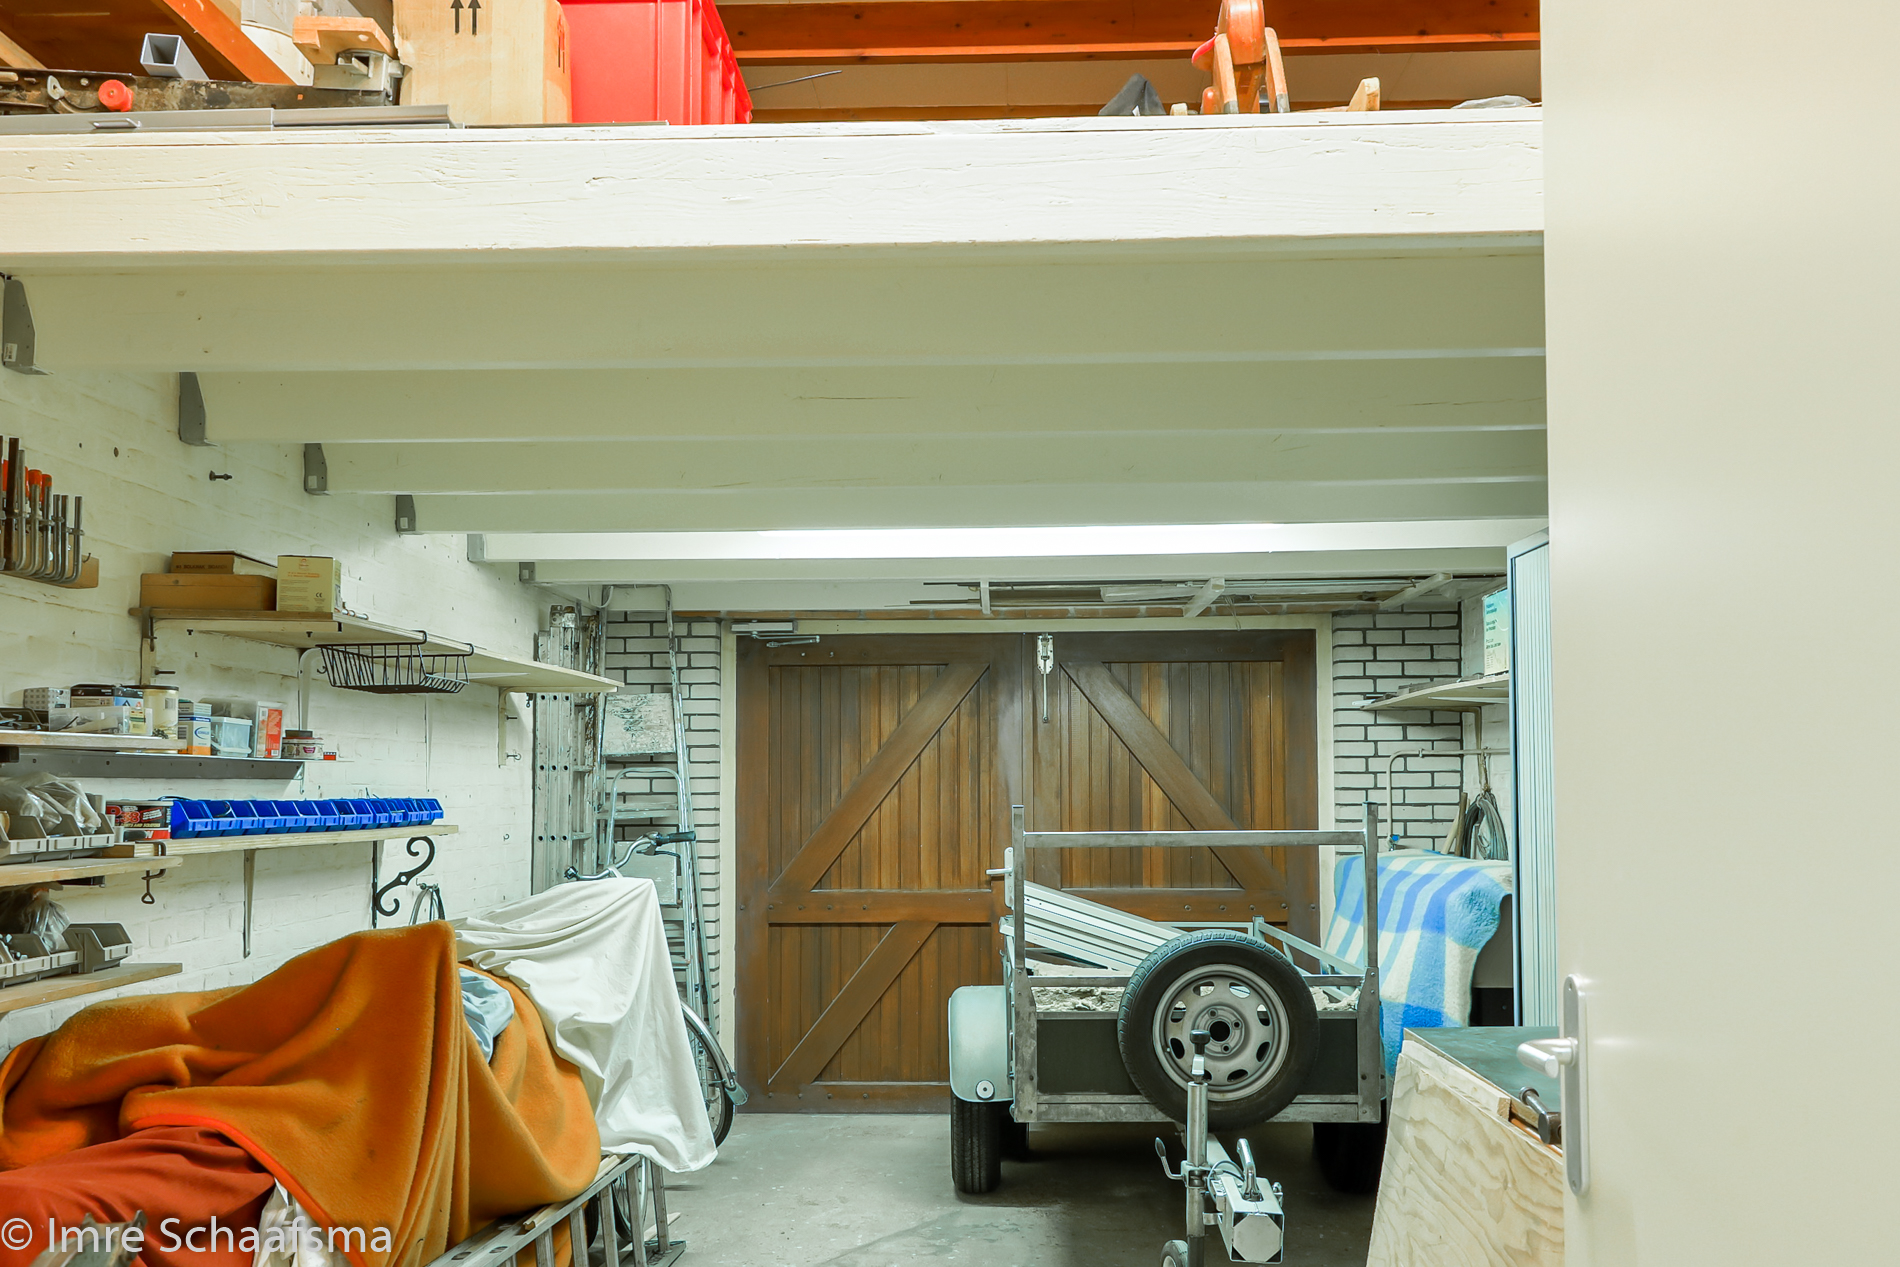 Garage Lammensstraat 5 Vlissingen